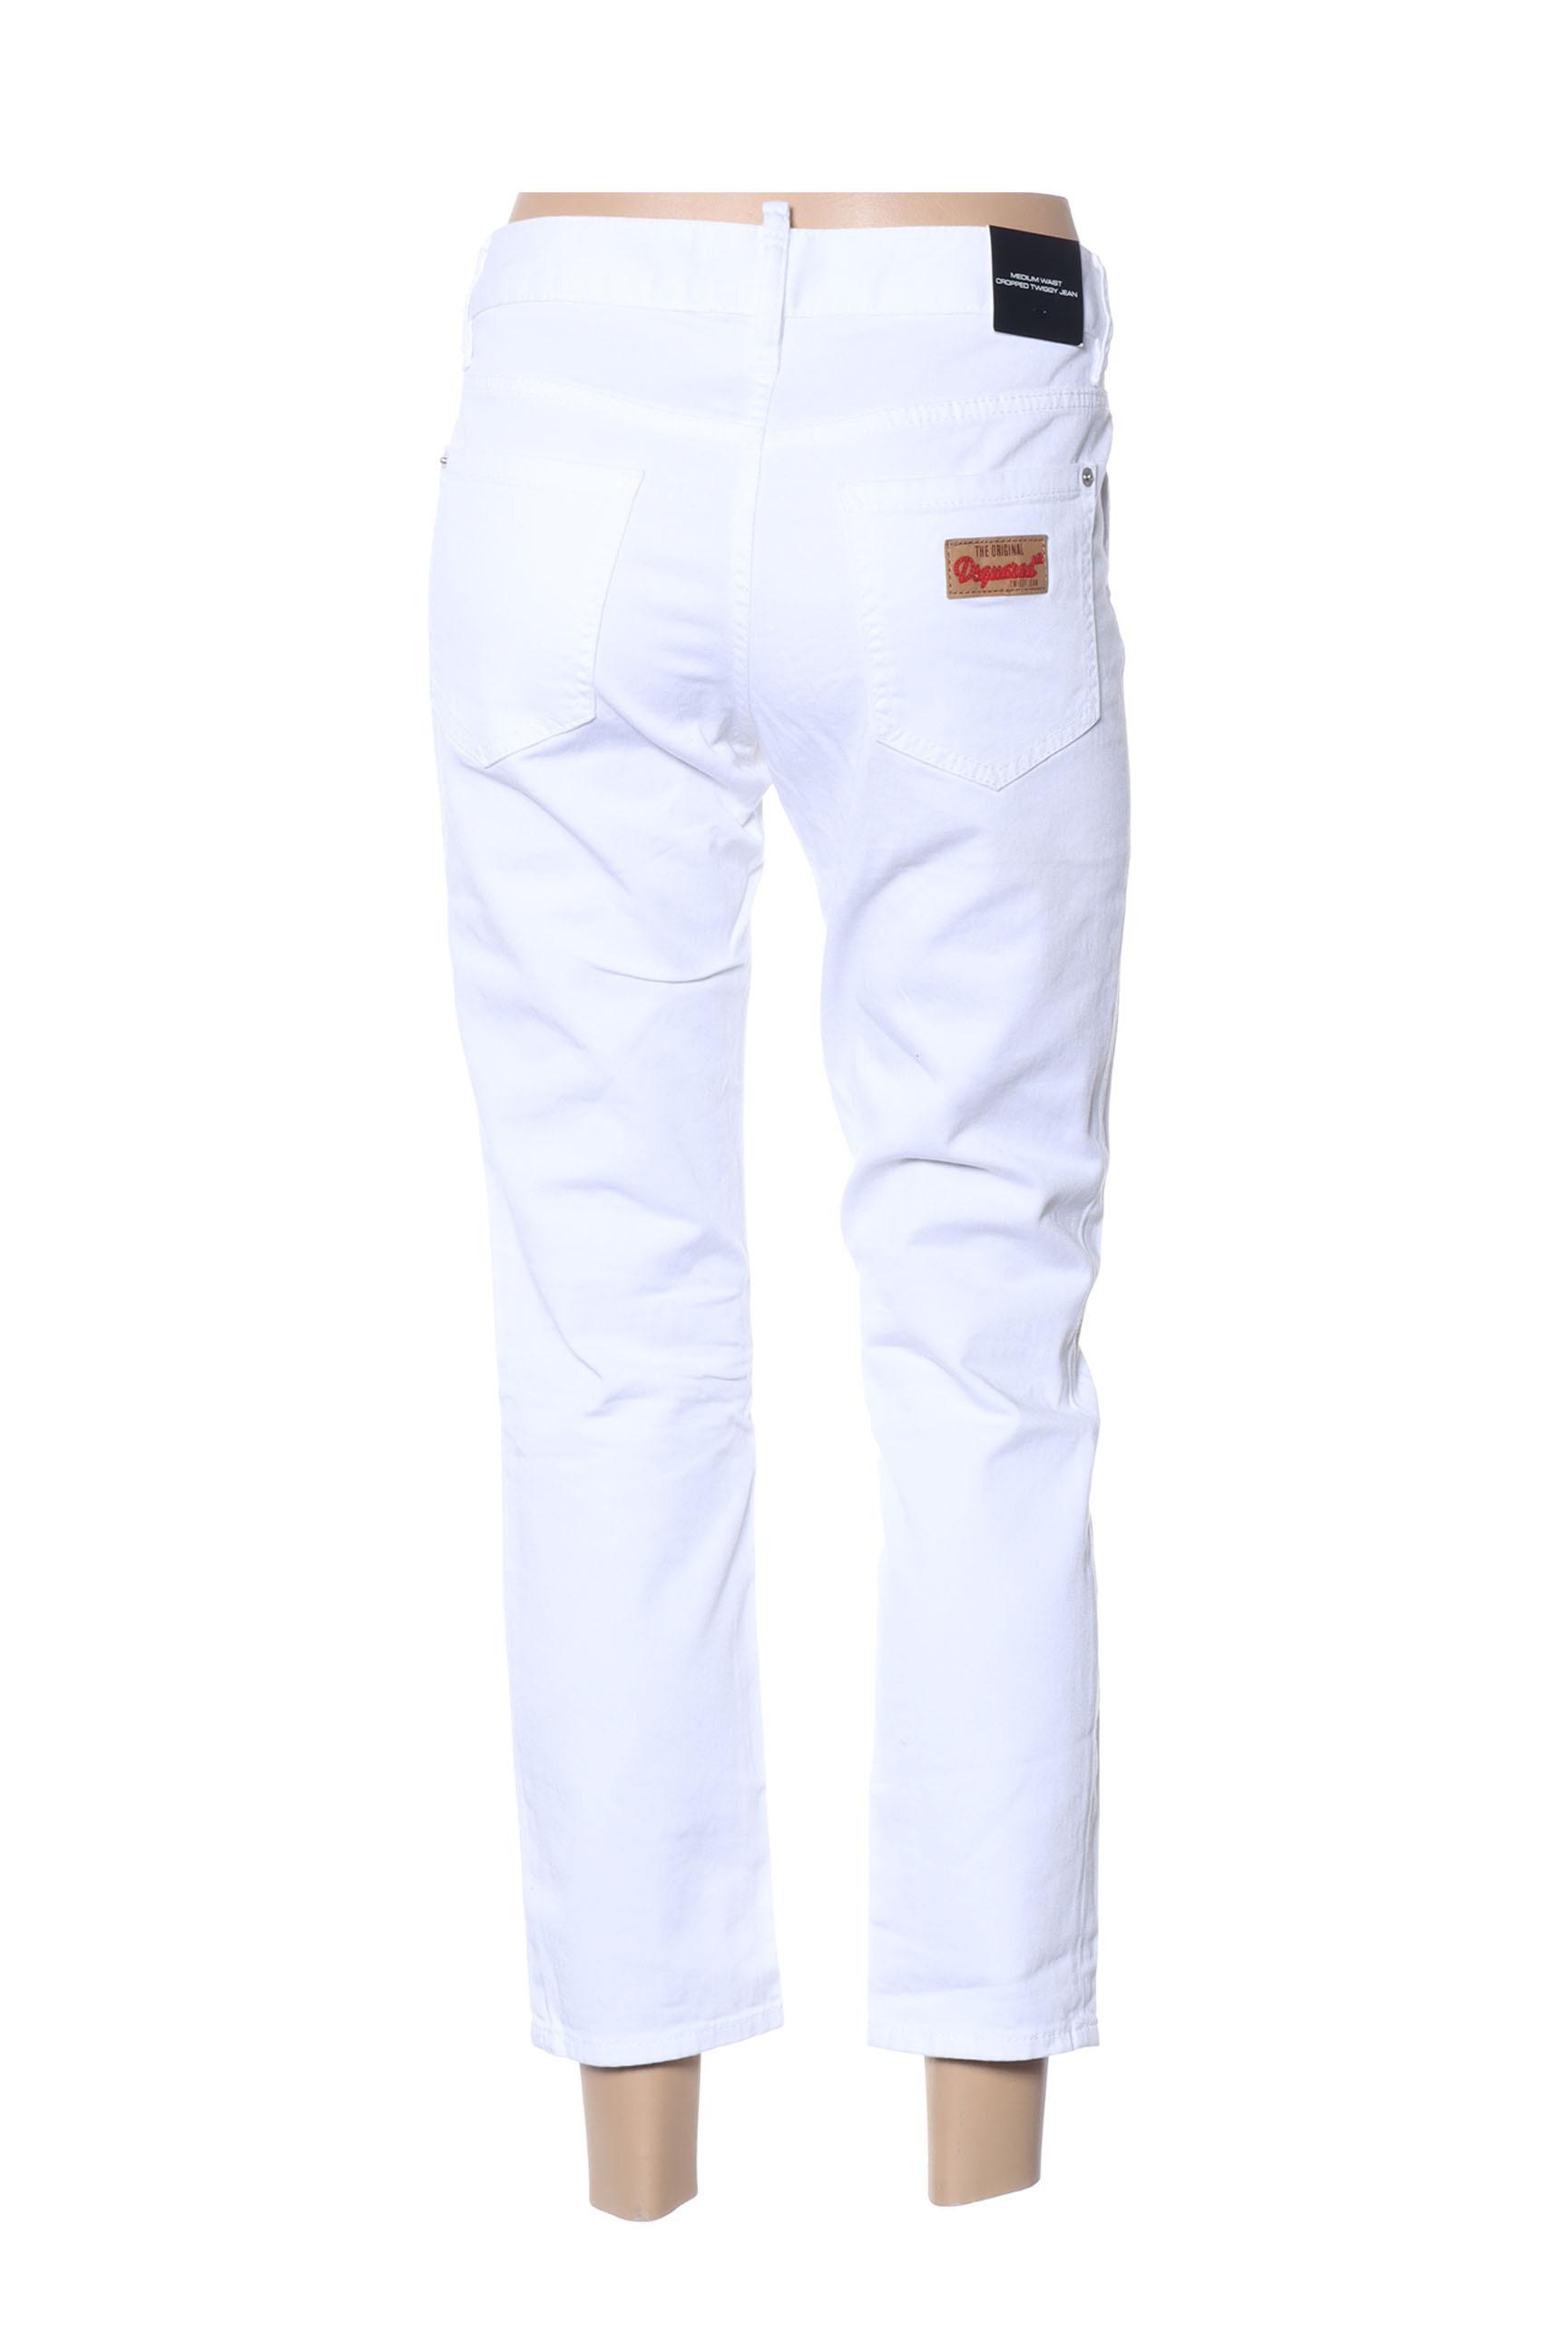 Dsquared Pantalons Decontractes Femme De Couleur Blanc En Soldes Pas Cher 1431979-blanc0